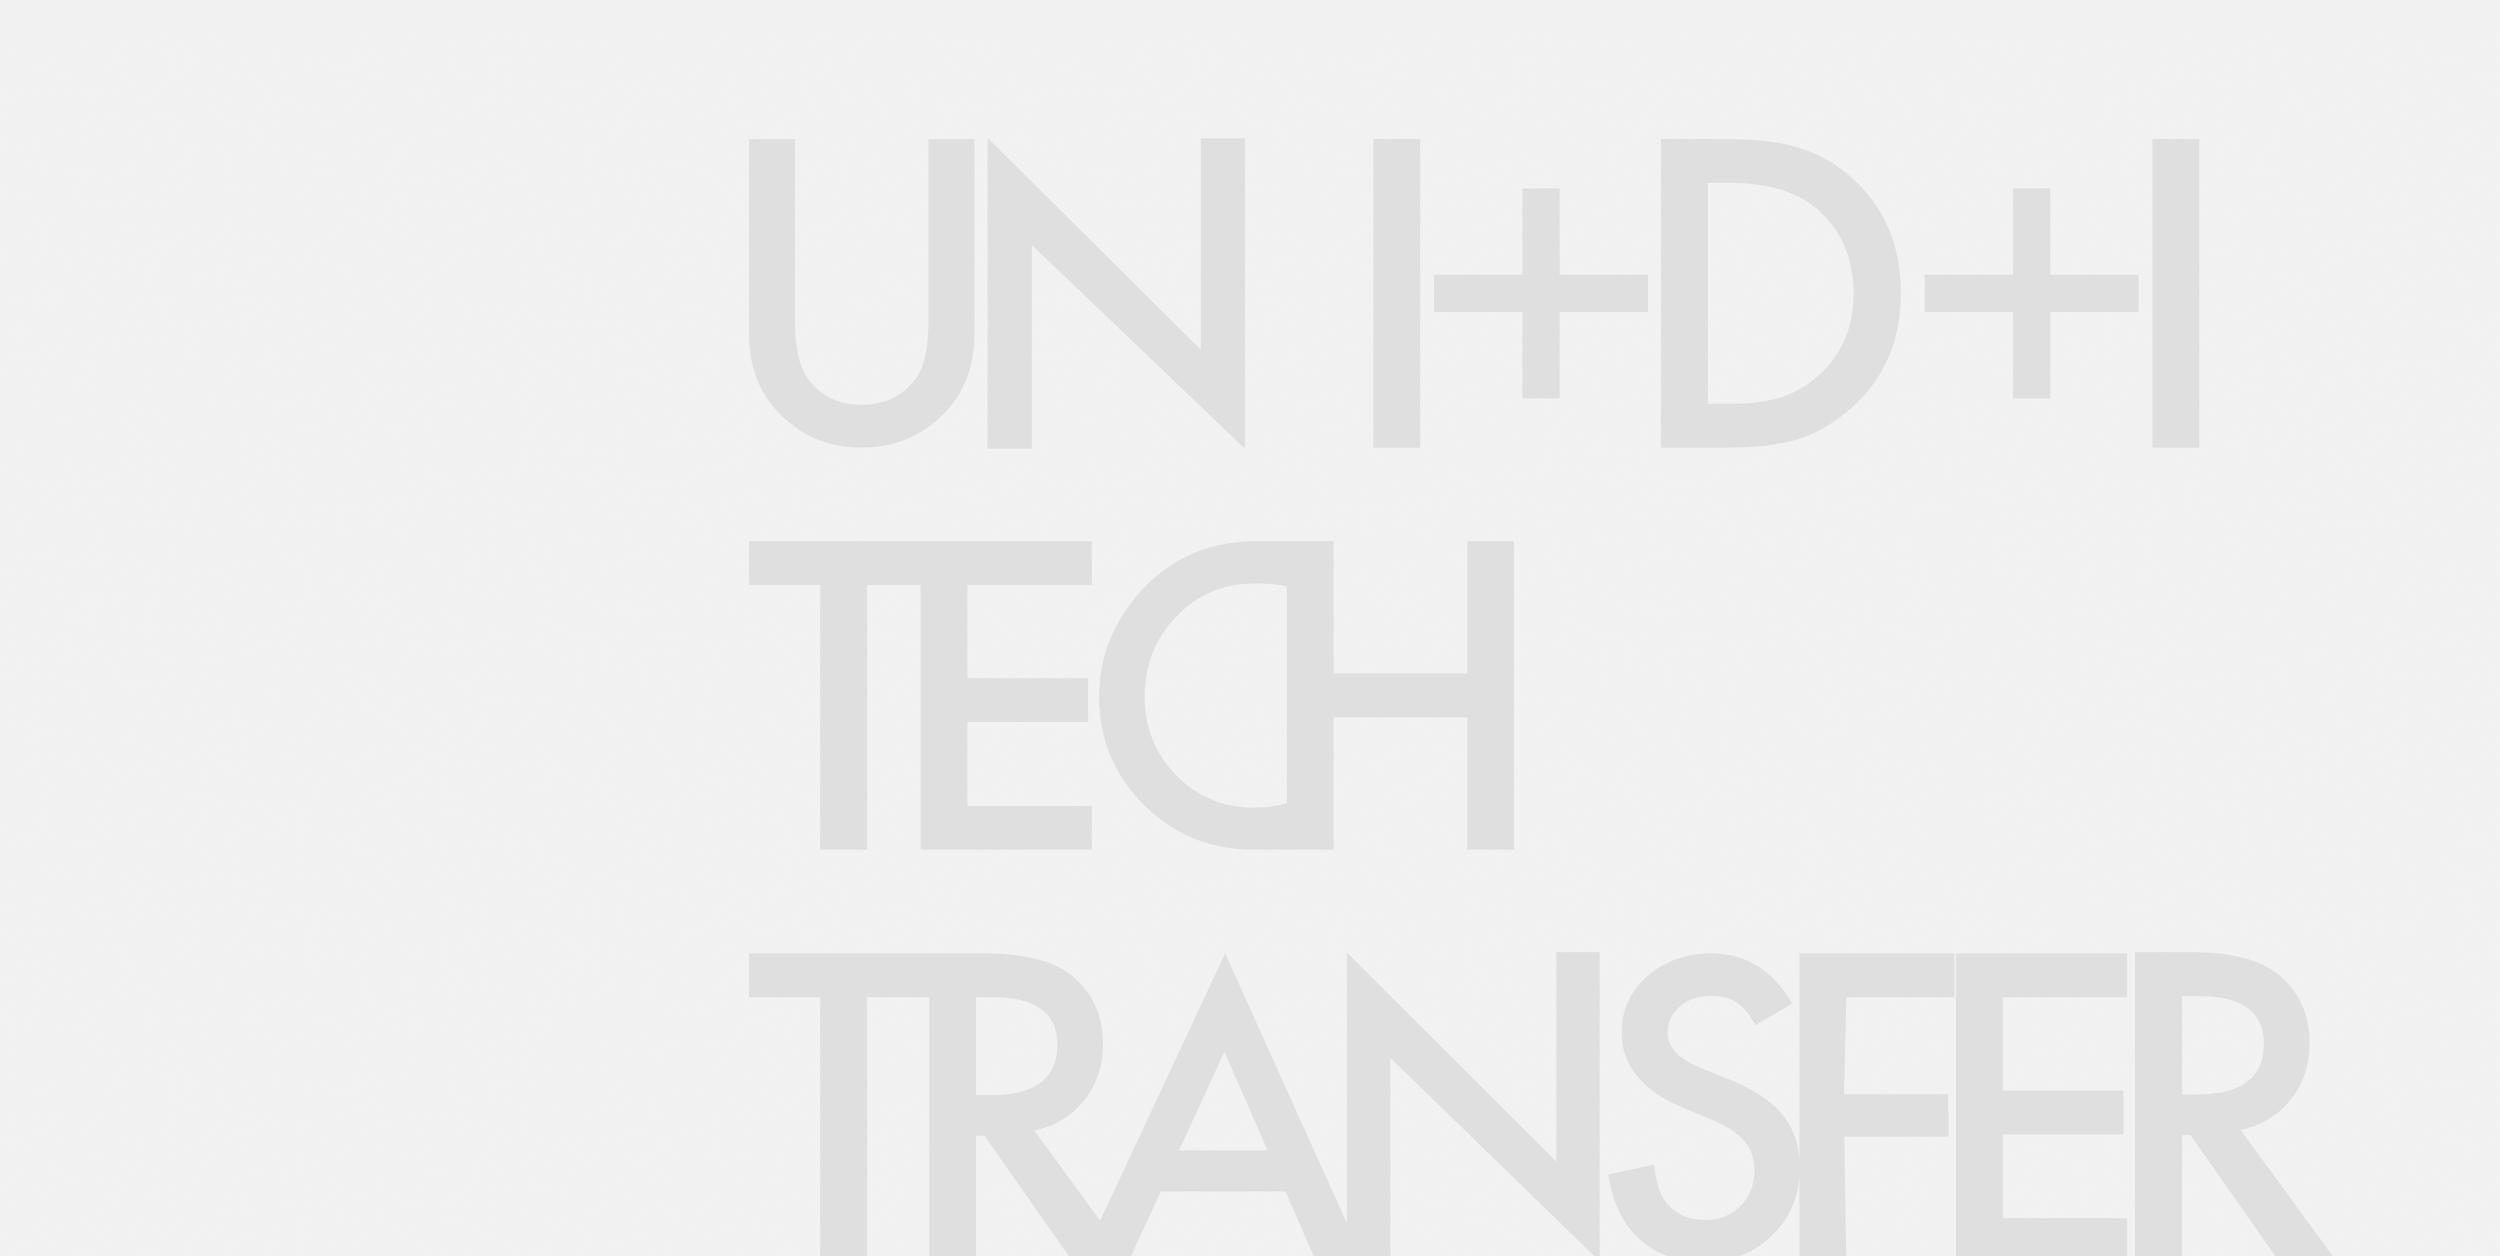 Logotipo de las inversiones de alta innovación